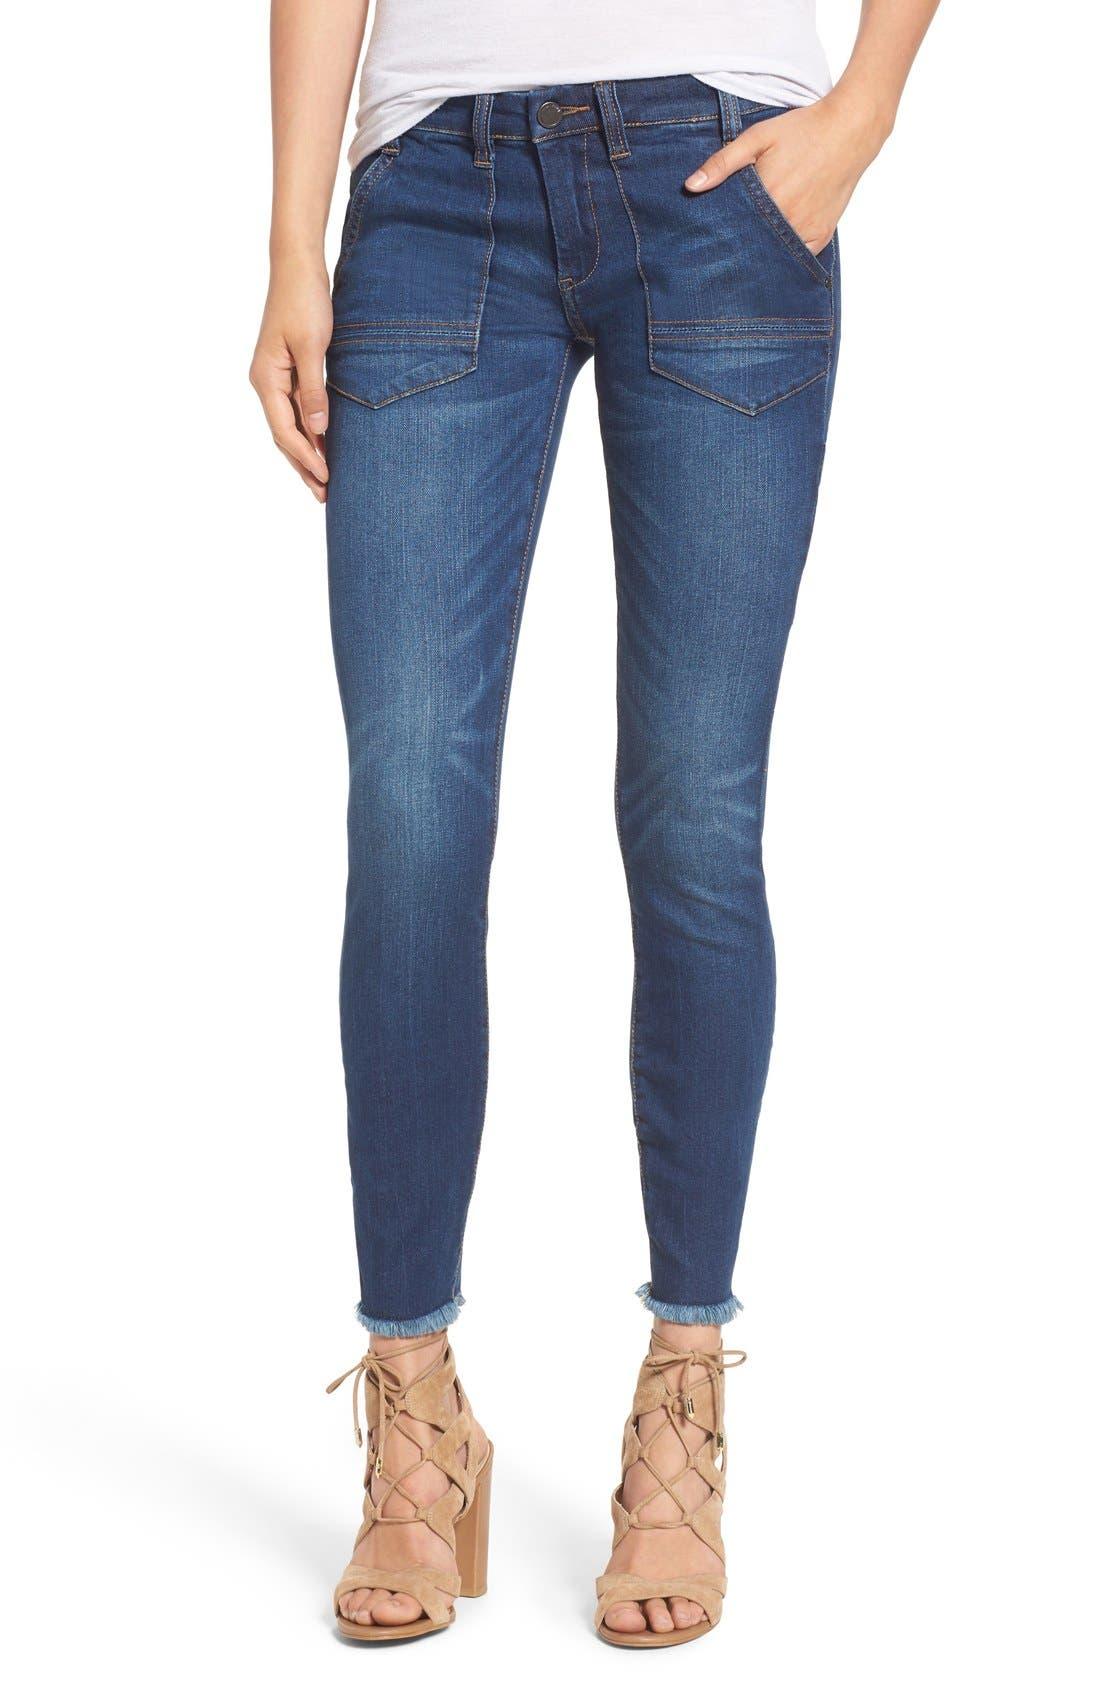 Alternate Image 1 Selected - BLANKNYC Utility Skinny Jeans (Buffering)